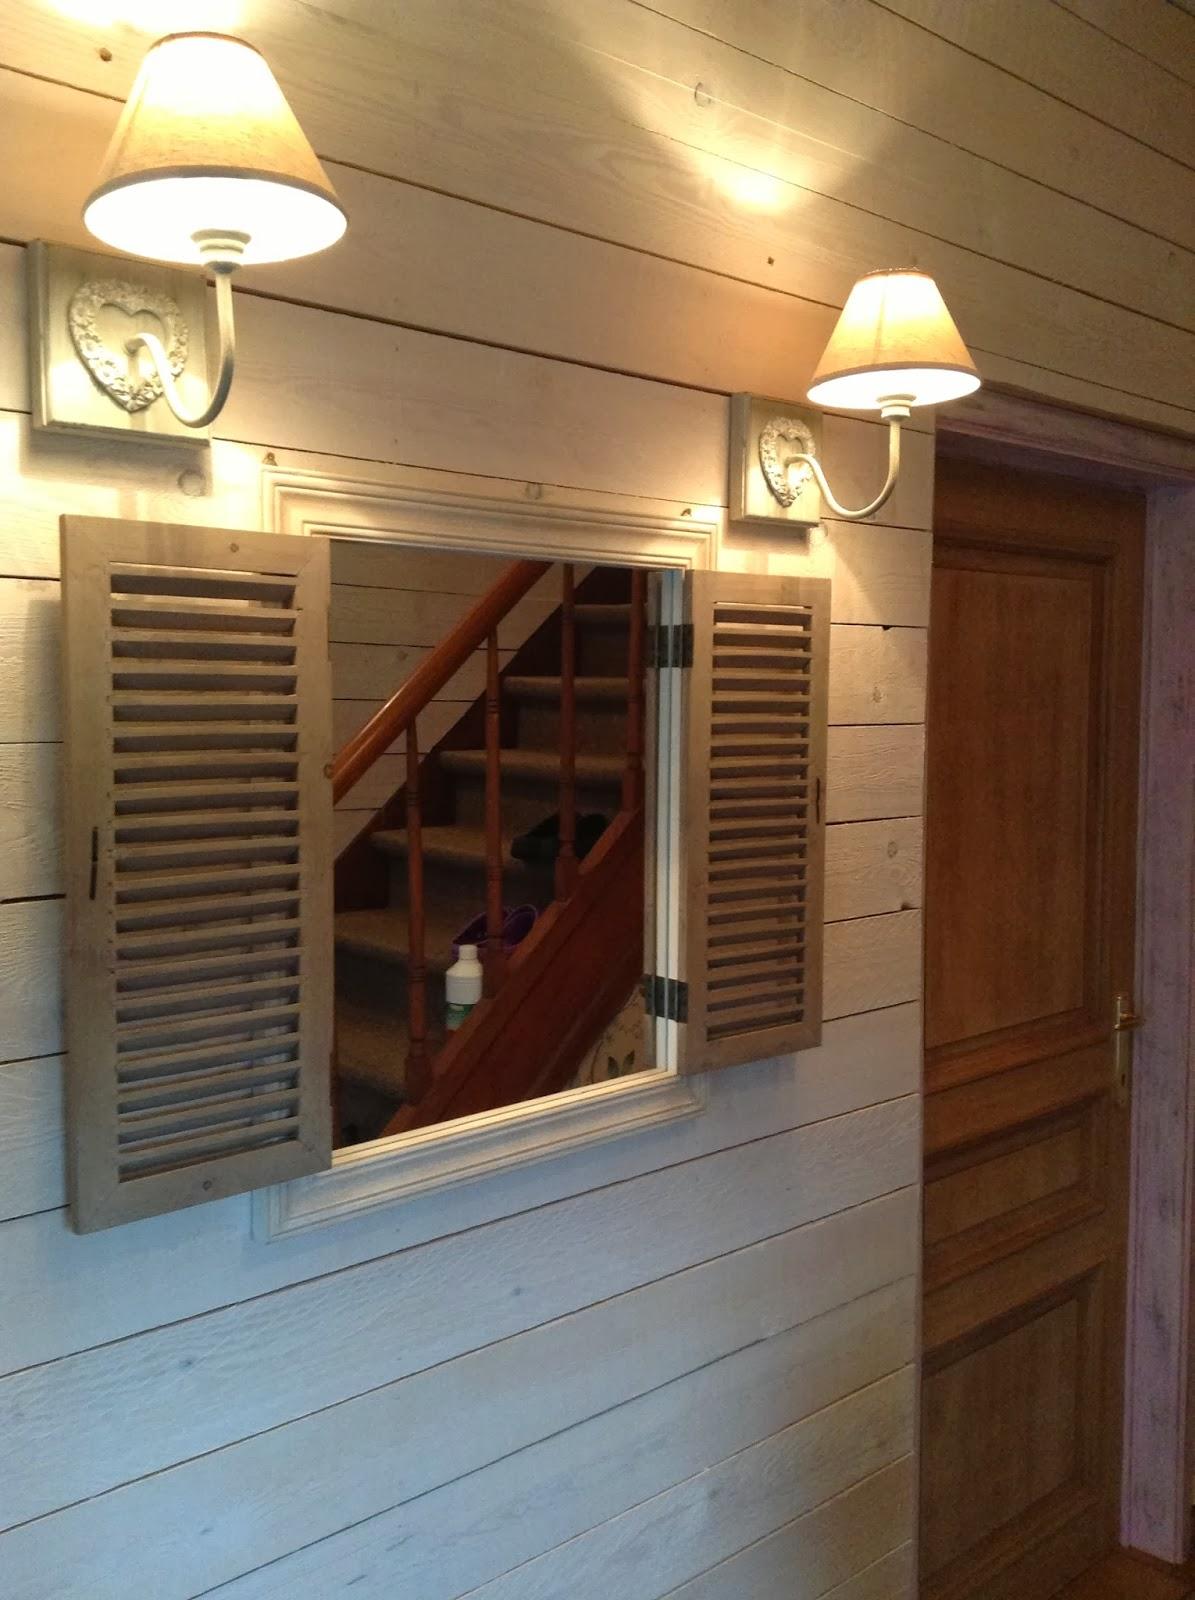 mr peinture vernis lasure blanche dans l 39 escalier. Black Bedroom Furniture Sets. Home Design Ideas